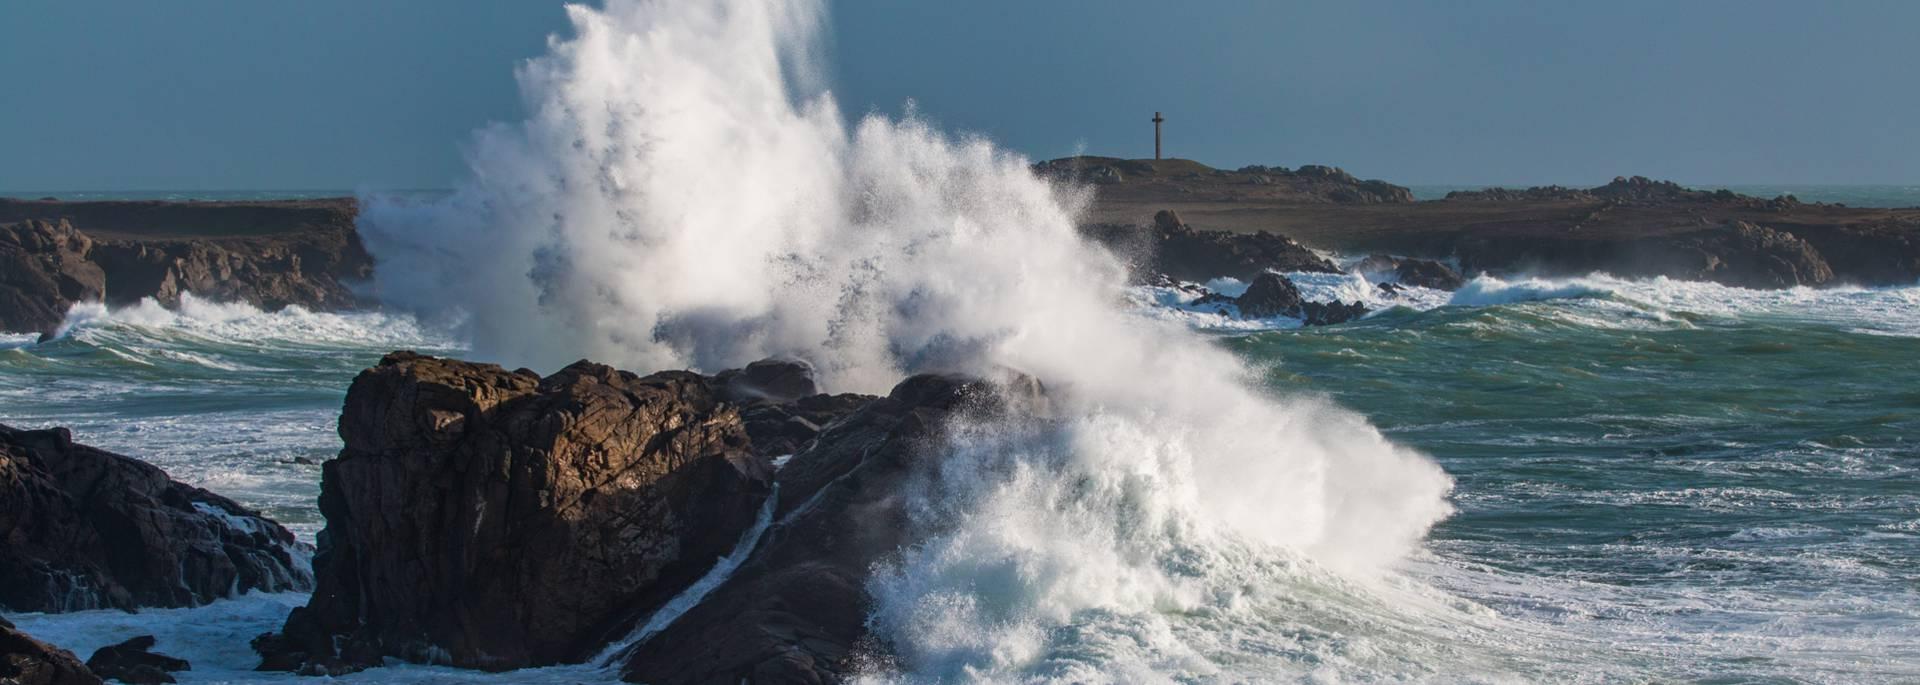 Sturm auf der Ile d'Yeu